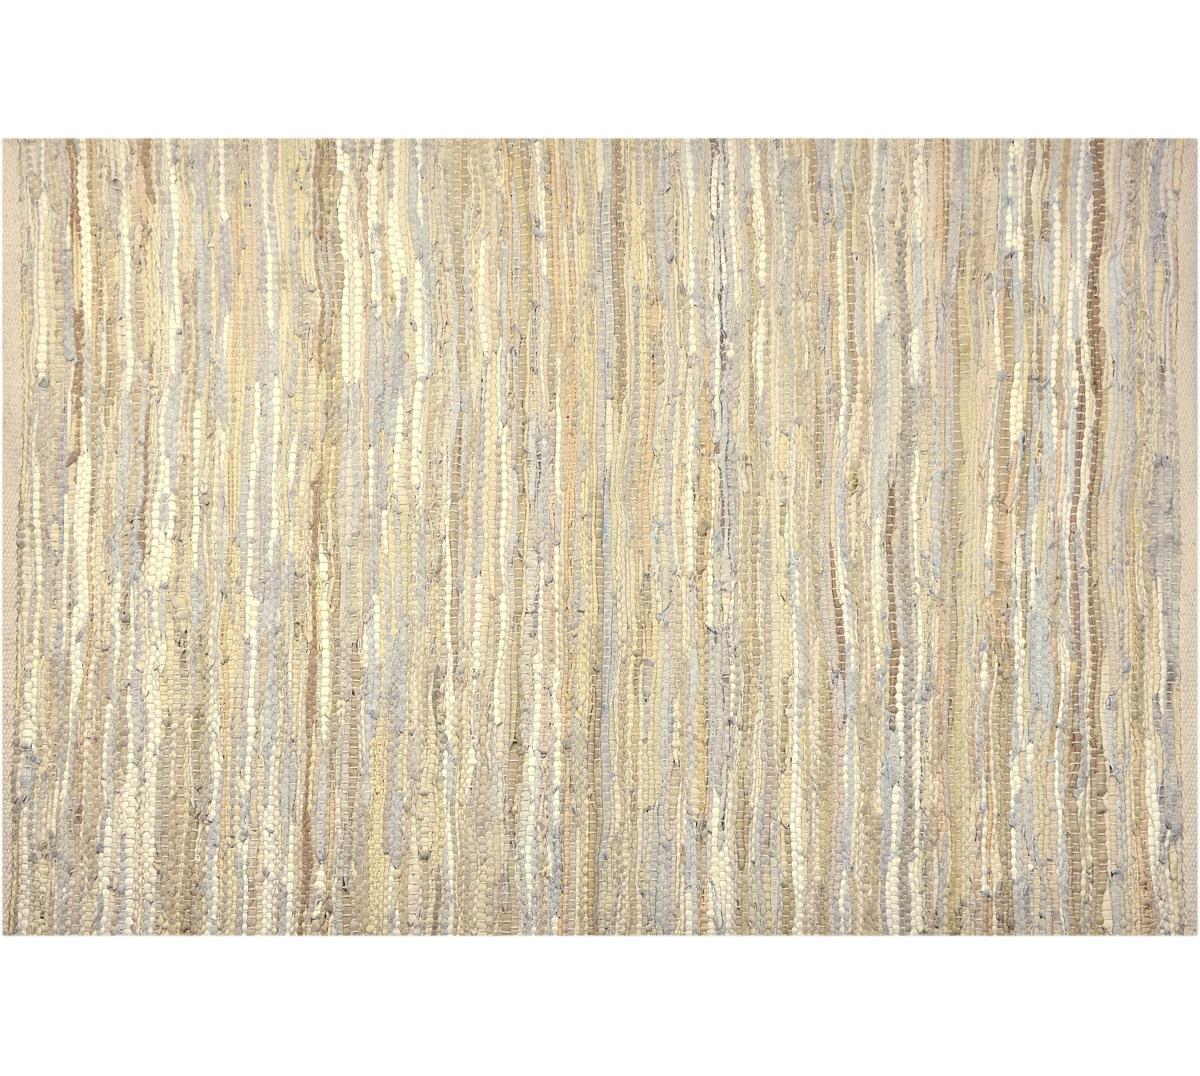 Ковер КожаПрямоугольные ковры<br>Ручная работа, Patchwork<br><br>Material: Кожа<br>Width см: 125<br>Height см: 60